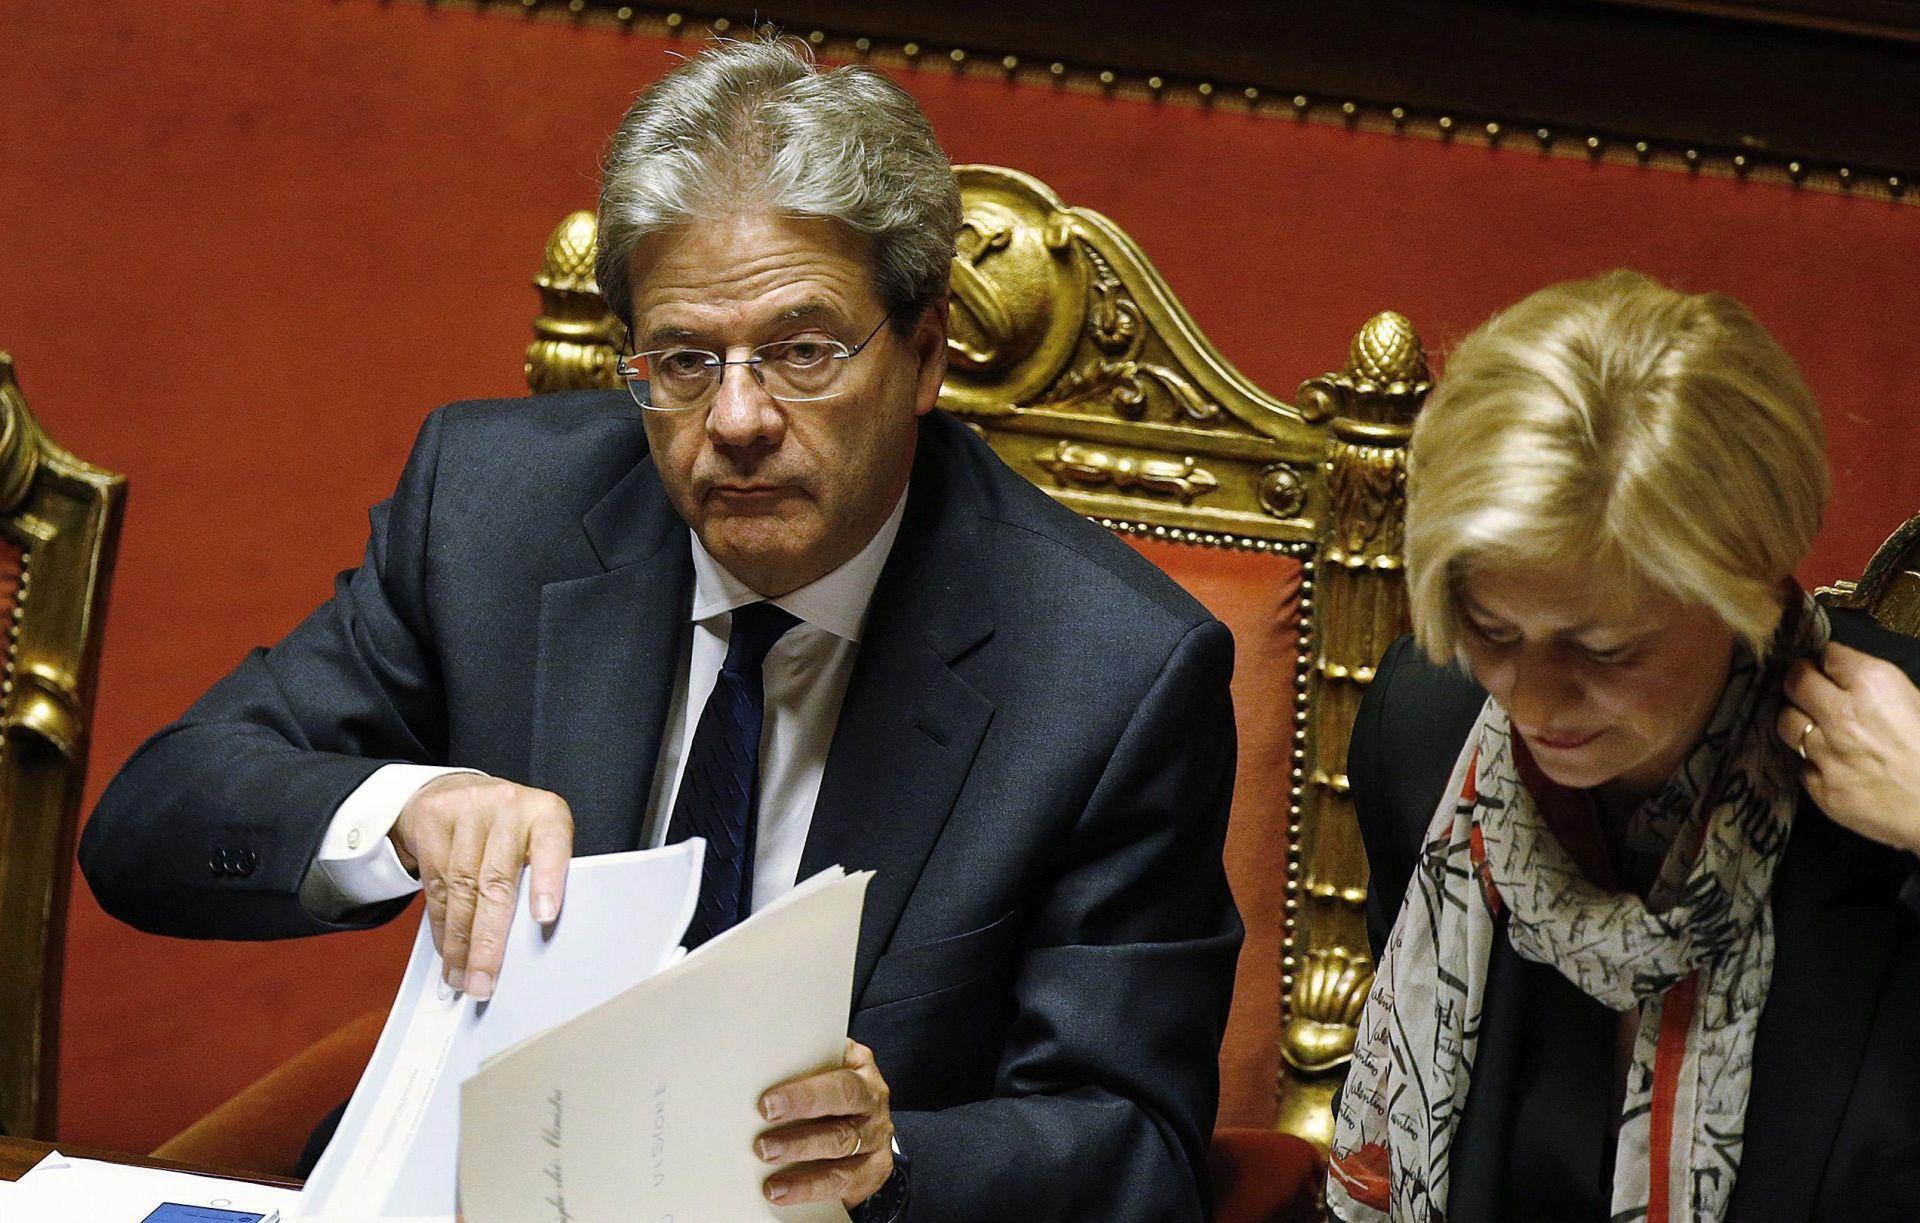 Talijanski premijer planira prebaciti vojsku iz Iraka u Niger